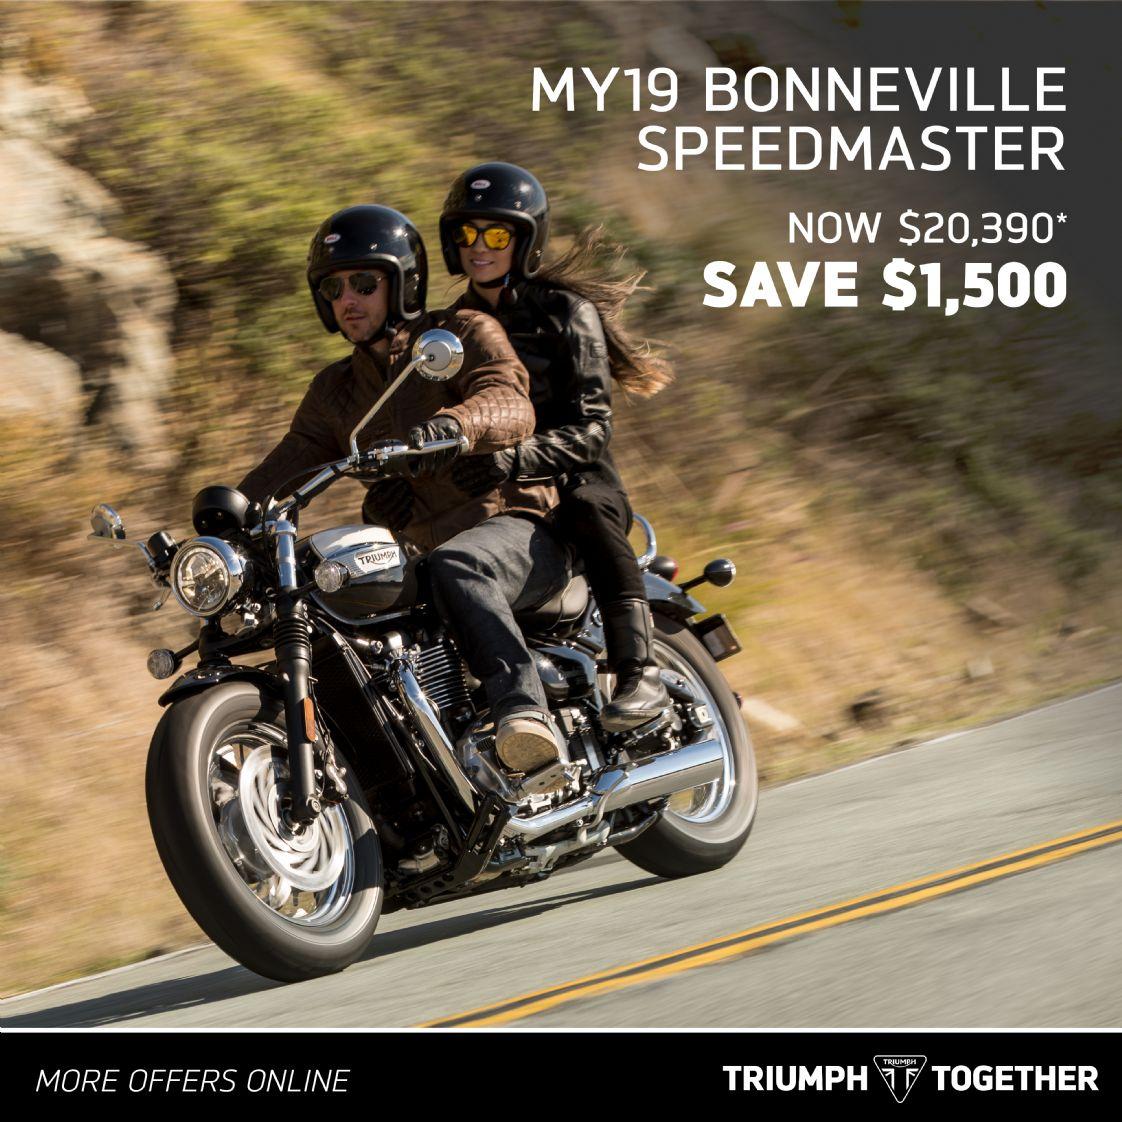 Triumph MY19 Bonneville Speedmaster